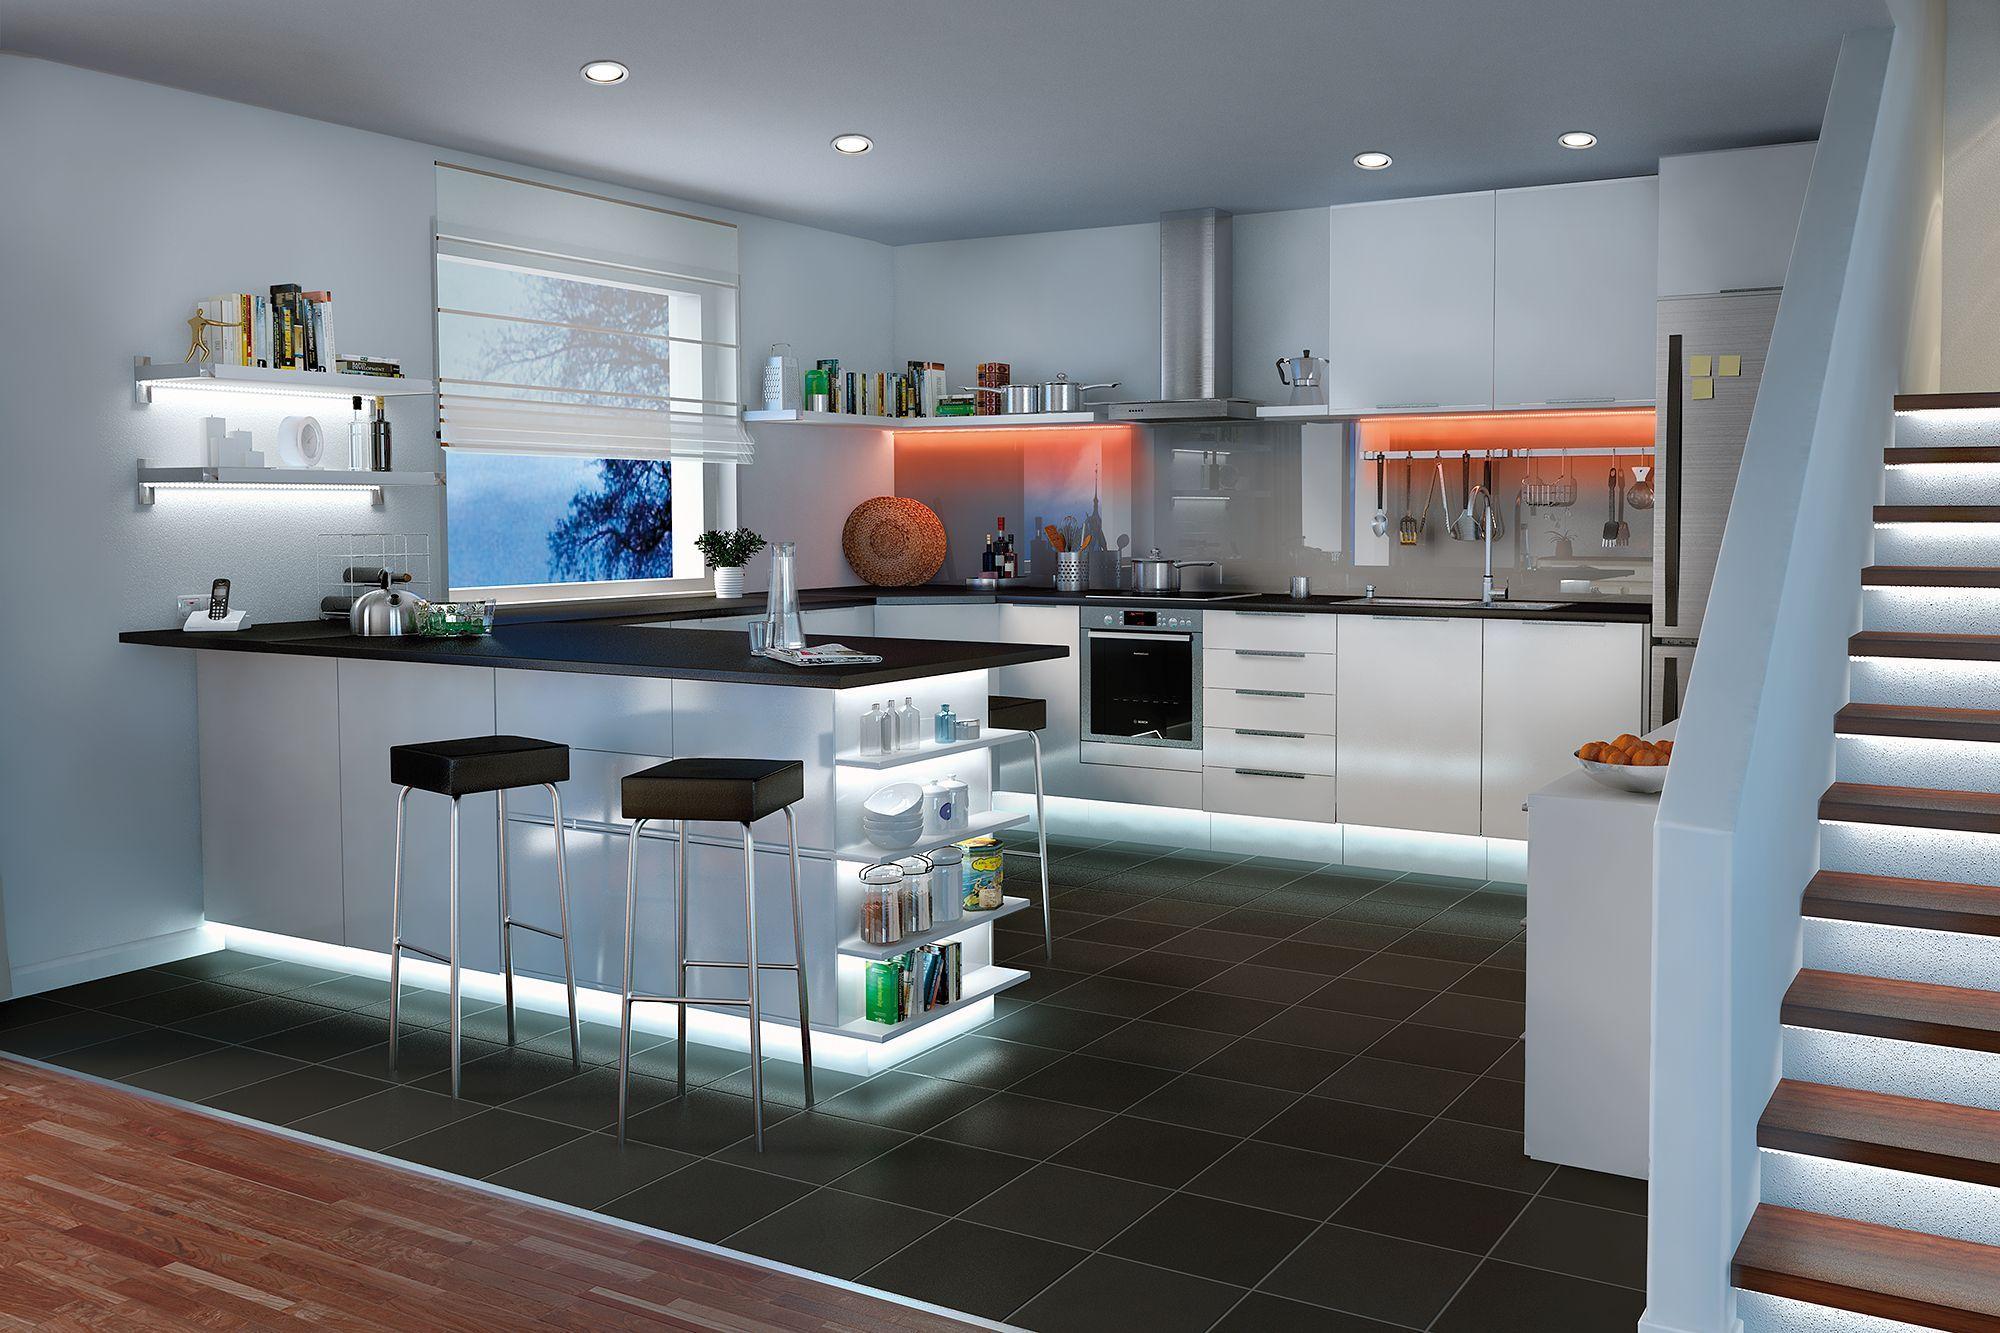 Bist Du Auf Der Suche Nach Beleuchtung Deiner Küche ? Die LED Lampen Auf  Der Decke Sind Eine Gute Lösung. #LEDs #Lampe #Küche #Beleuchtungsidee  #LampDecke